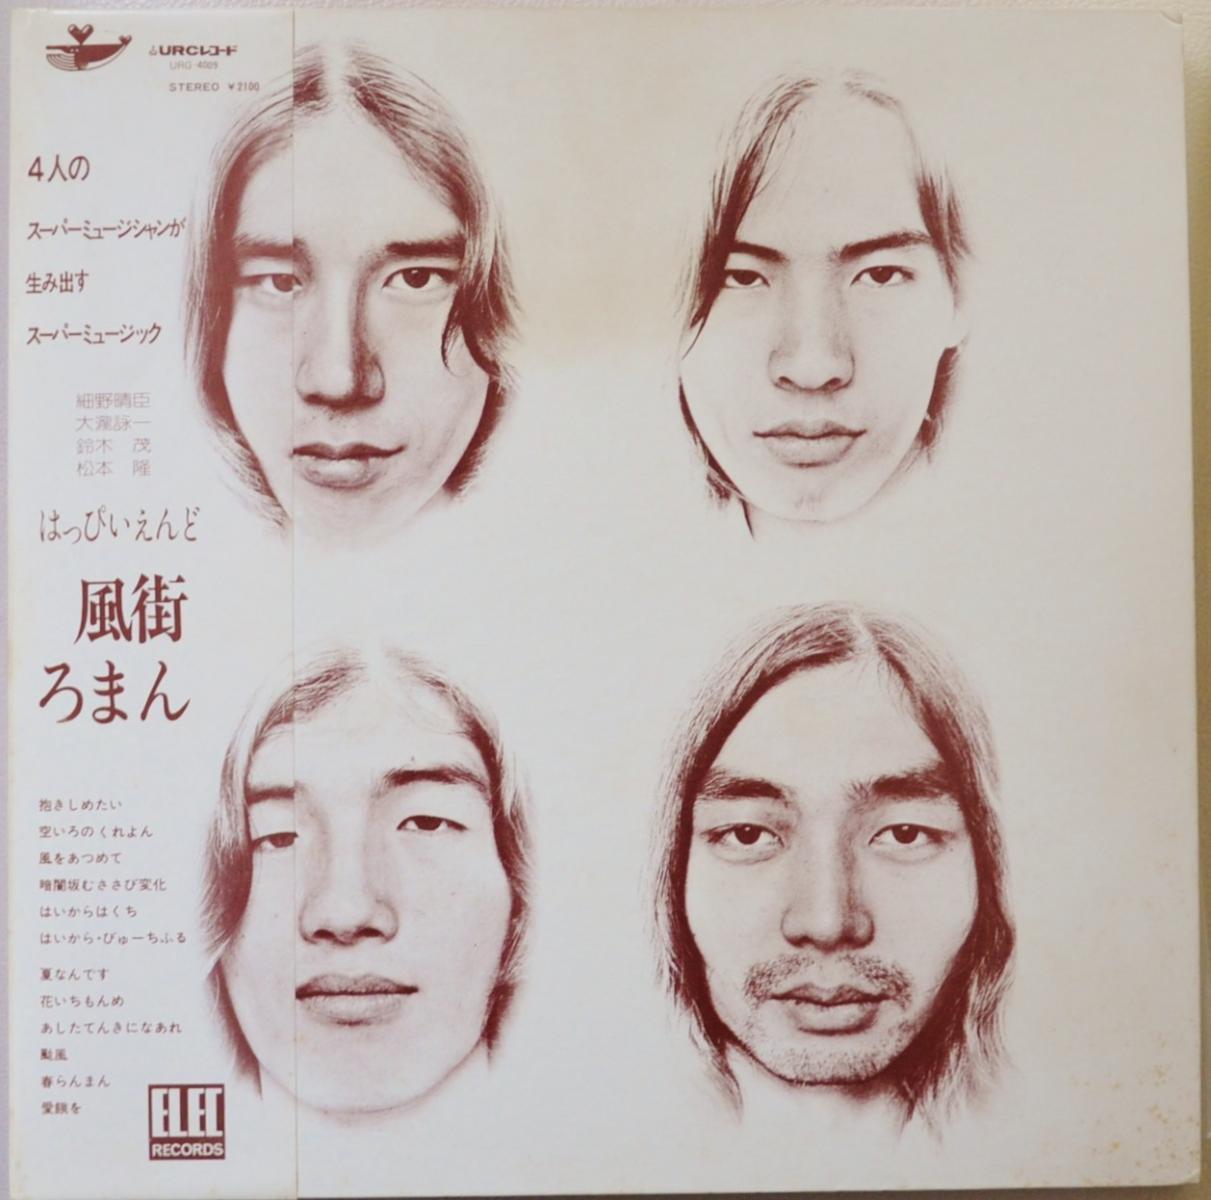 はっぴいえんど HAPPY END / 風街ろまん (LP)